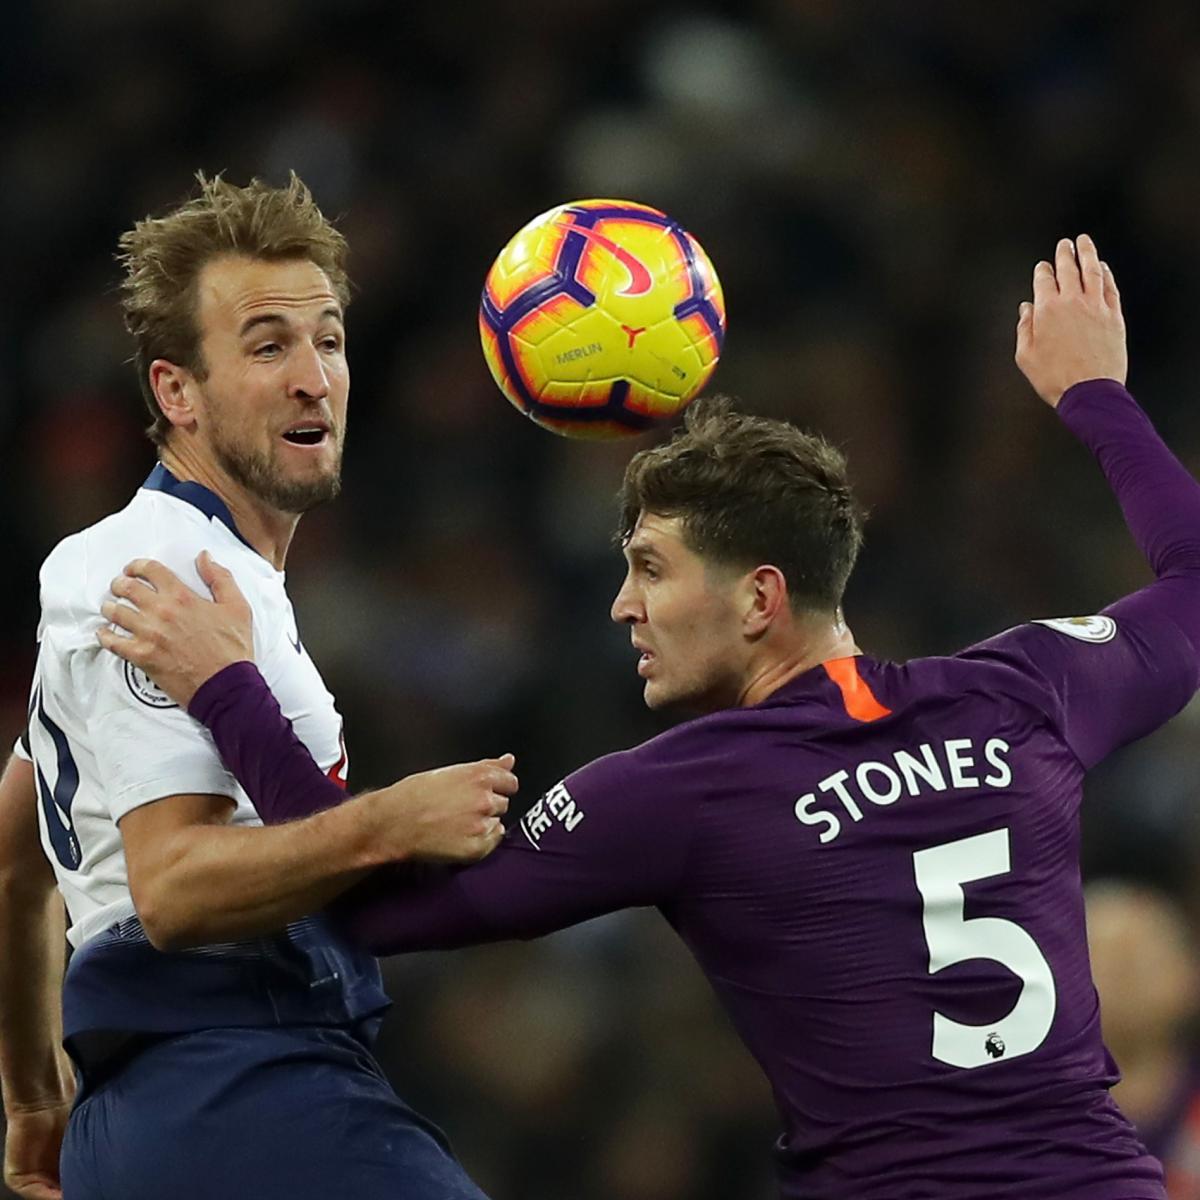 Tottenham Vs Ajax Odds Live Stream And Tv Info For Ucl: Tottenham Vs. Manchester City: Odds, Live Stream, TV Info